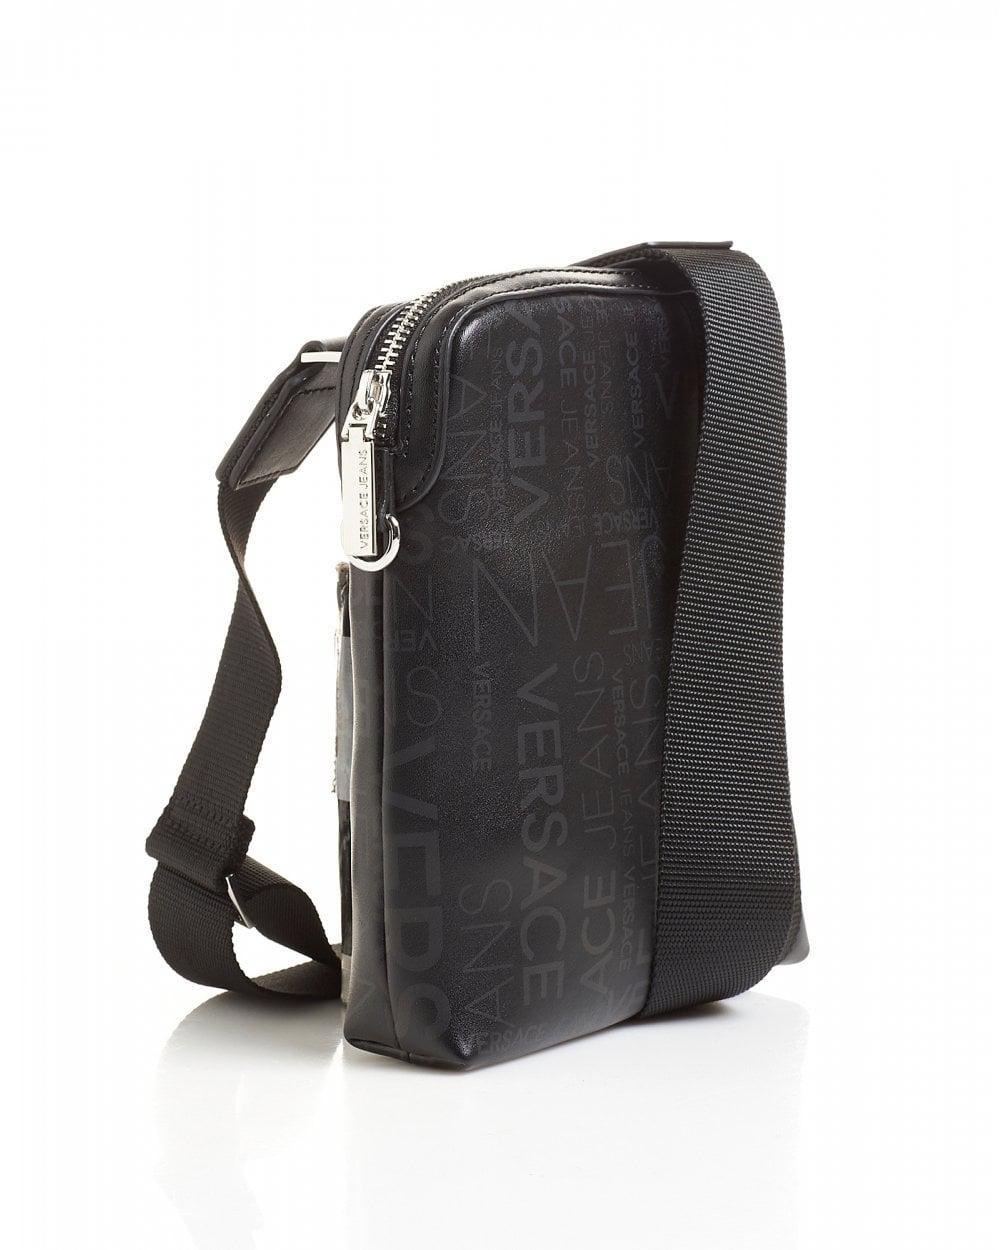 Lyst - Versace Jeans All Over Logo Printed Black Stash Bag in Black for Men 23099d47ea670